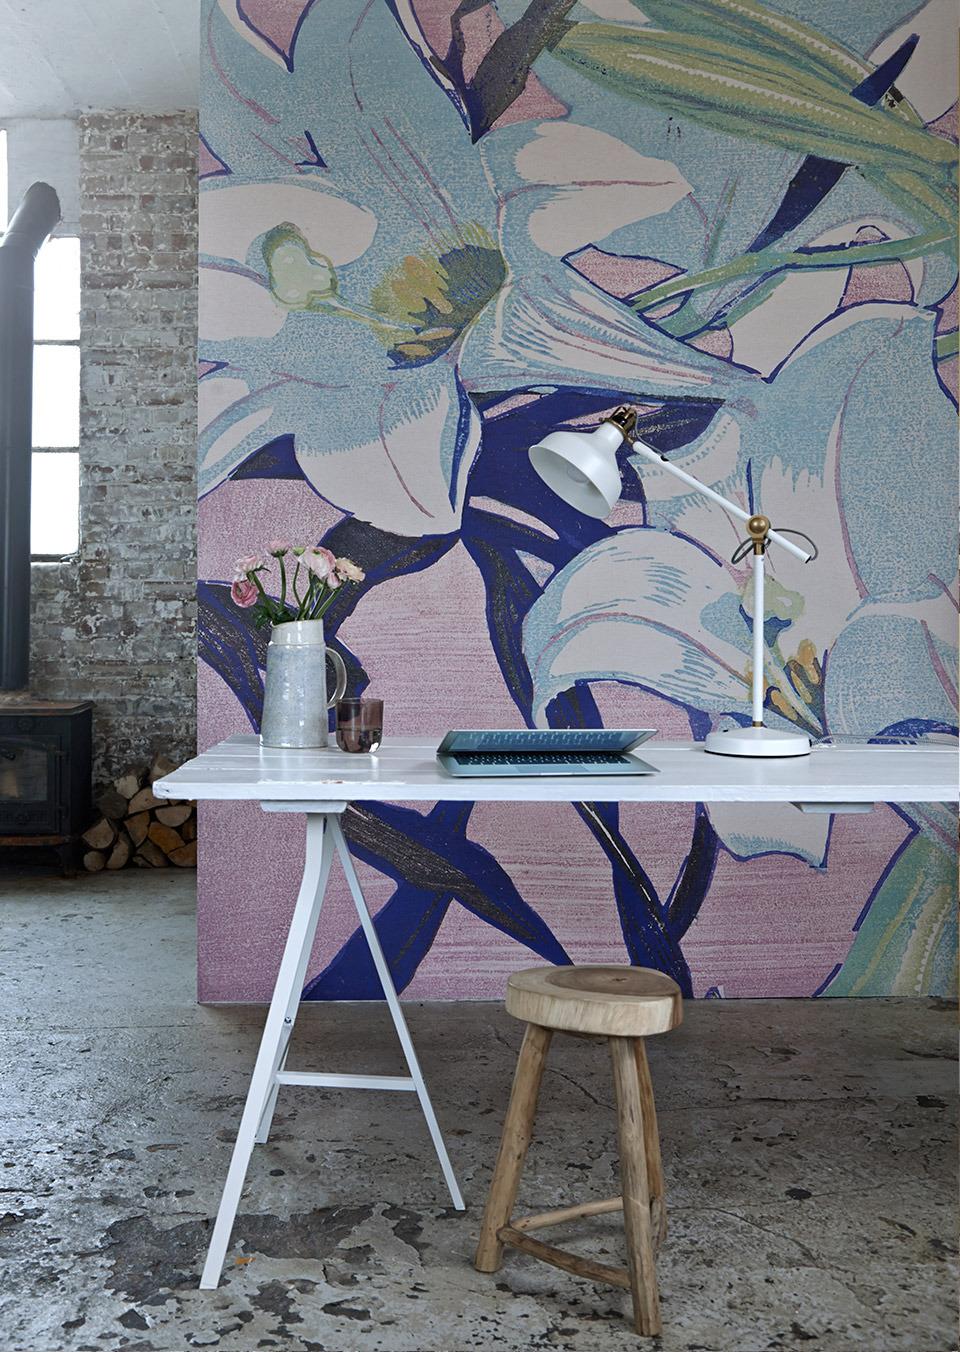 Mural-2_02